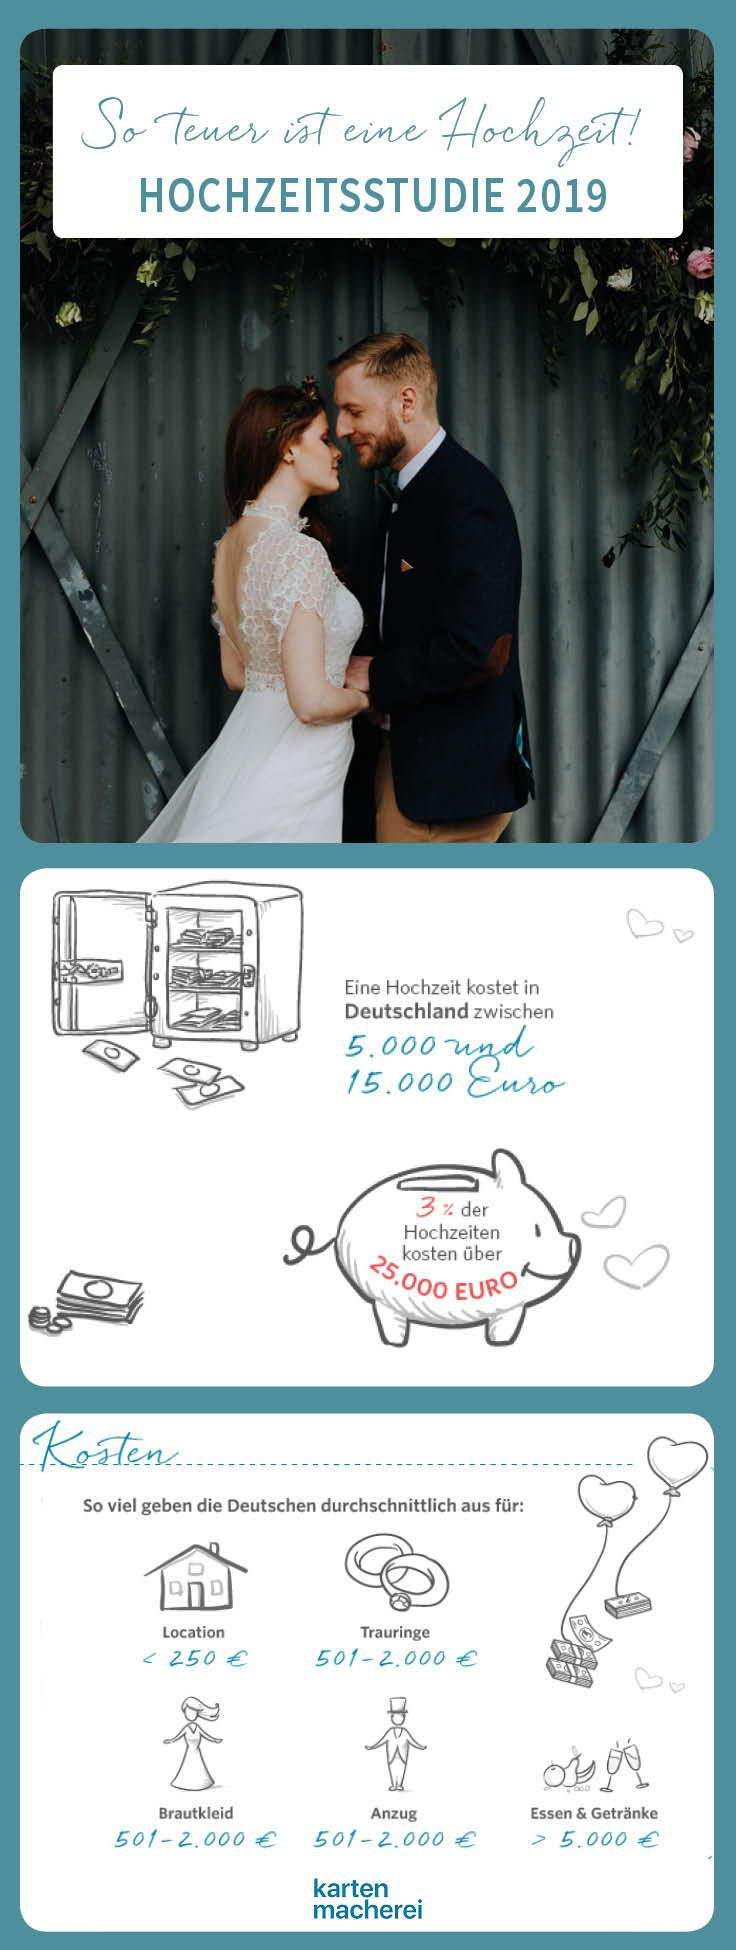 So Teuer Ist Eine Hochzeit Wirklich Wir Verraten Euch Wie Gross Das Budget Der Brautpaare In Deutschland 2019 Ist Und Wie Vie Hochzeit Kosten Hochzeit Heiraten